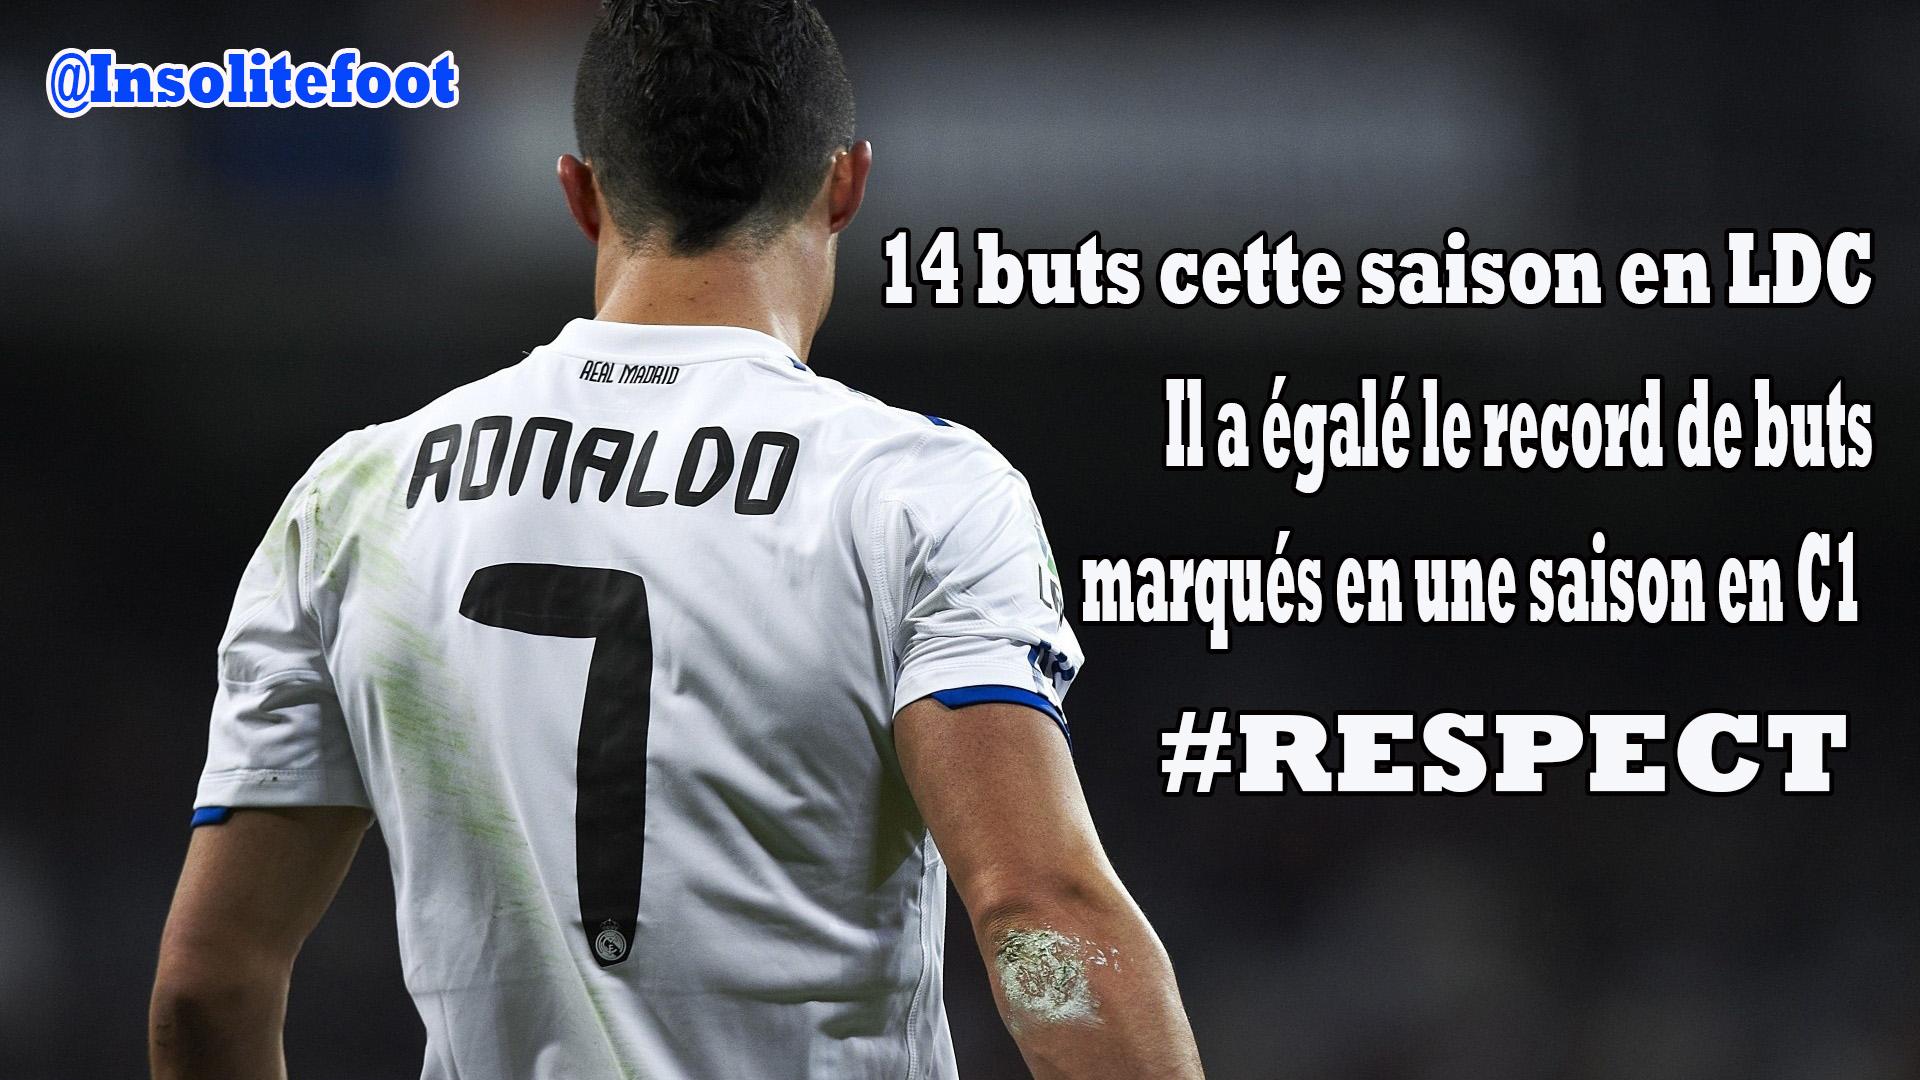 Ligue des champions : Cristiano Ronaldo égale le record de buts marqués en une saison en C1